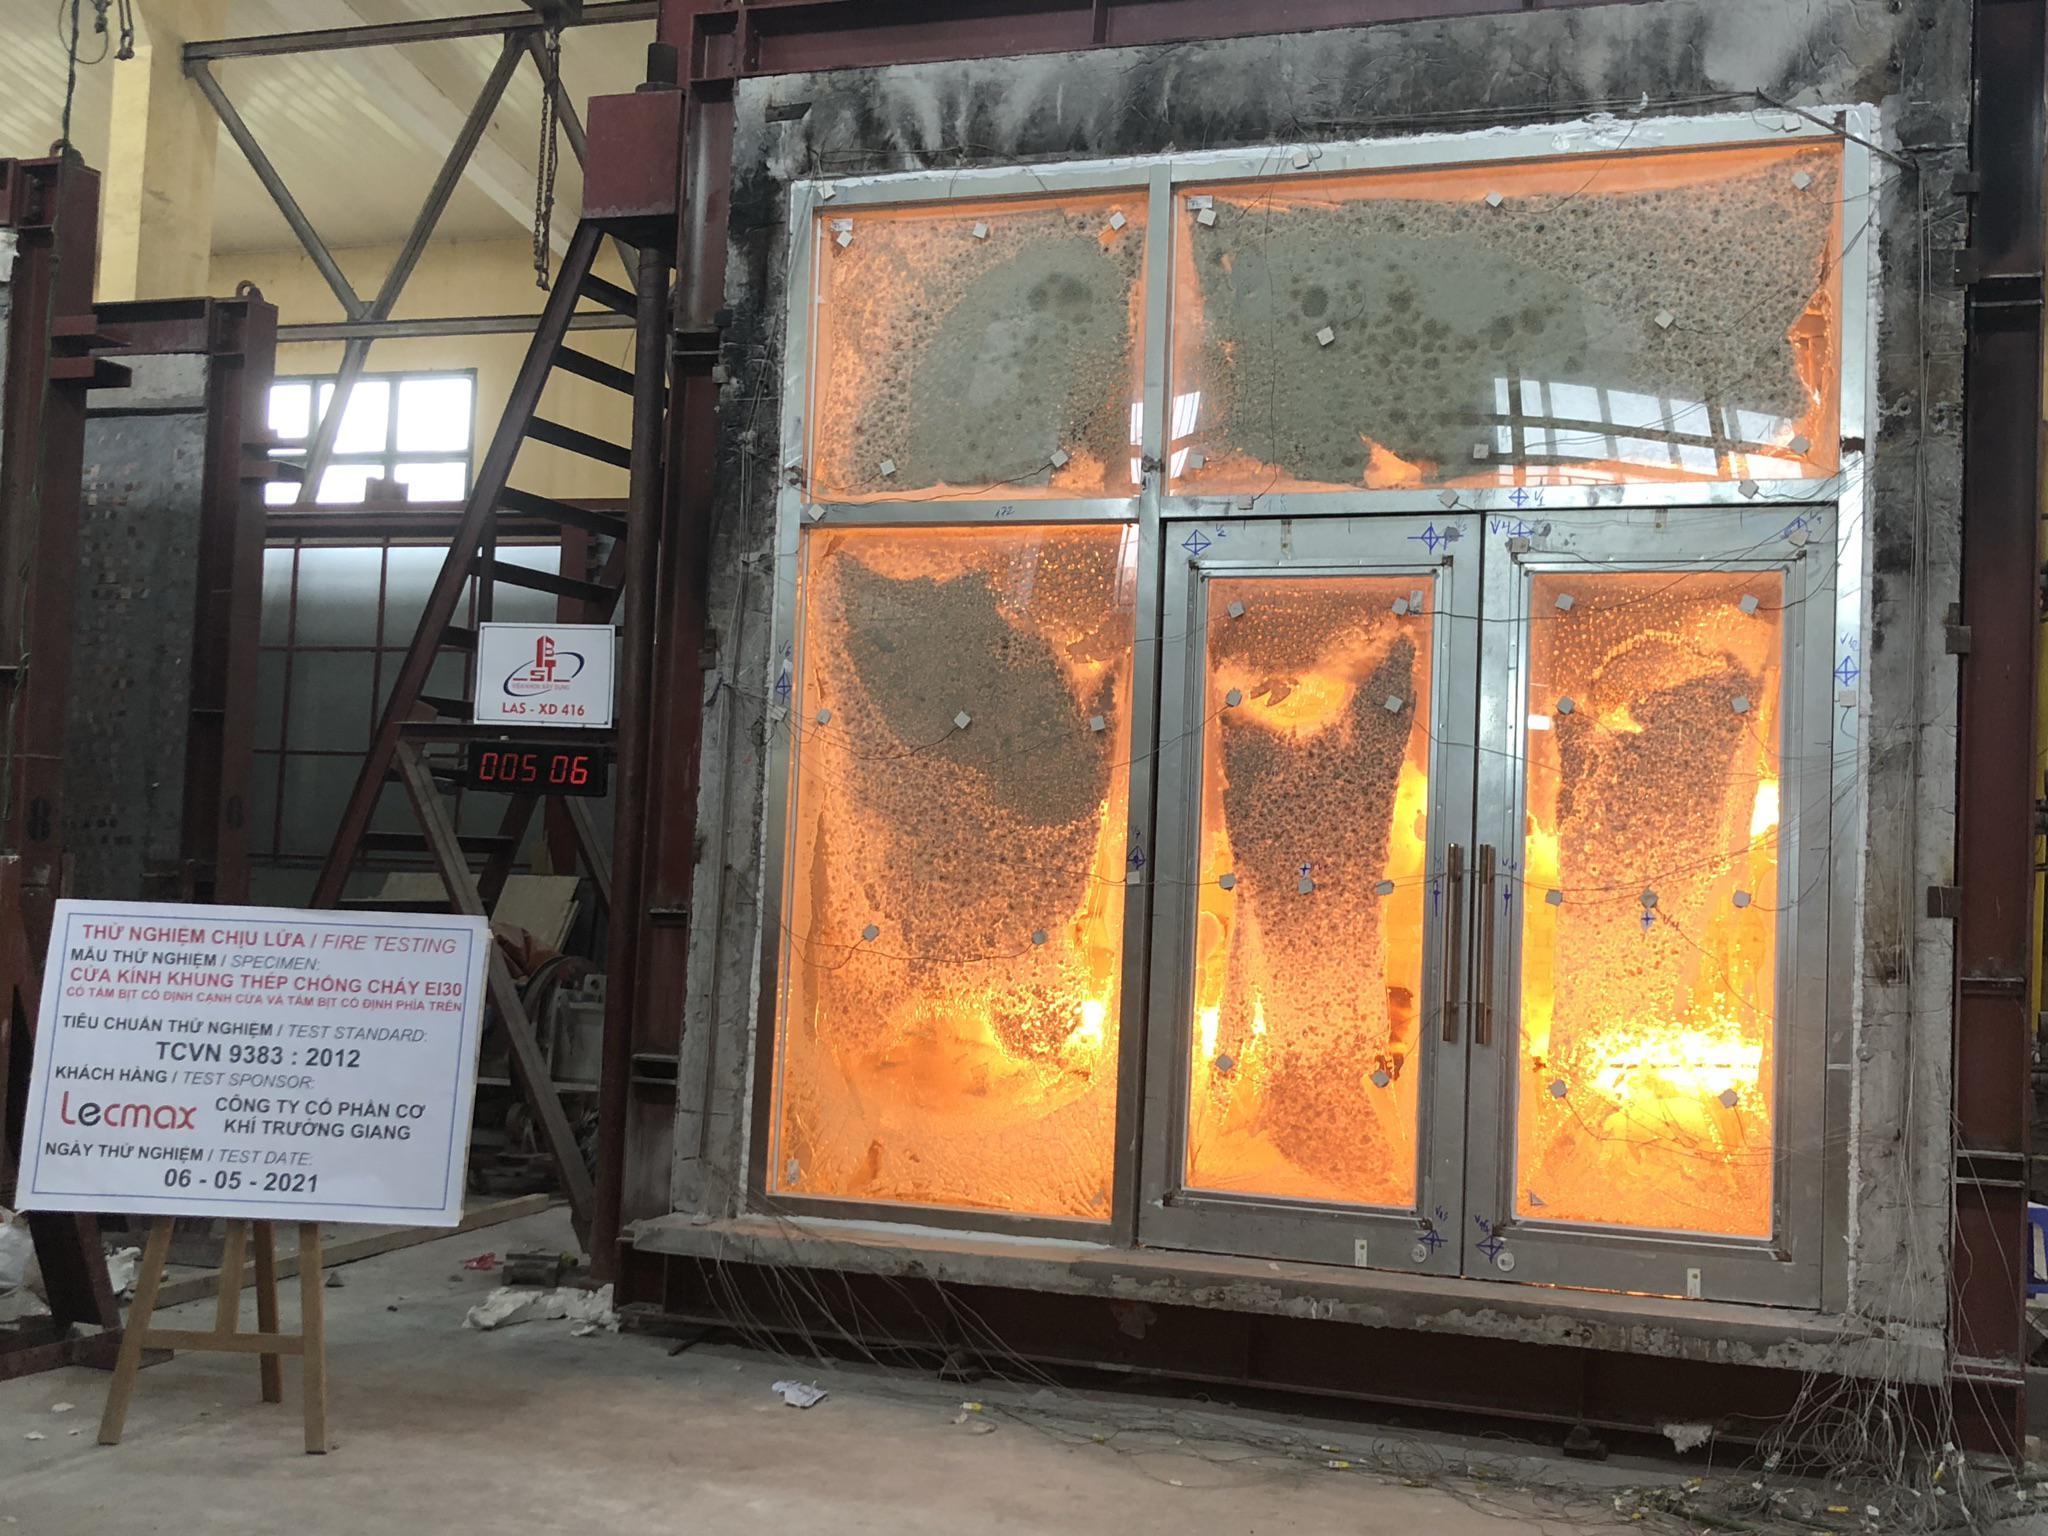 Lecmax thử nghiệm hệ vách kính - cửa kính chống cháy EI30